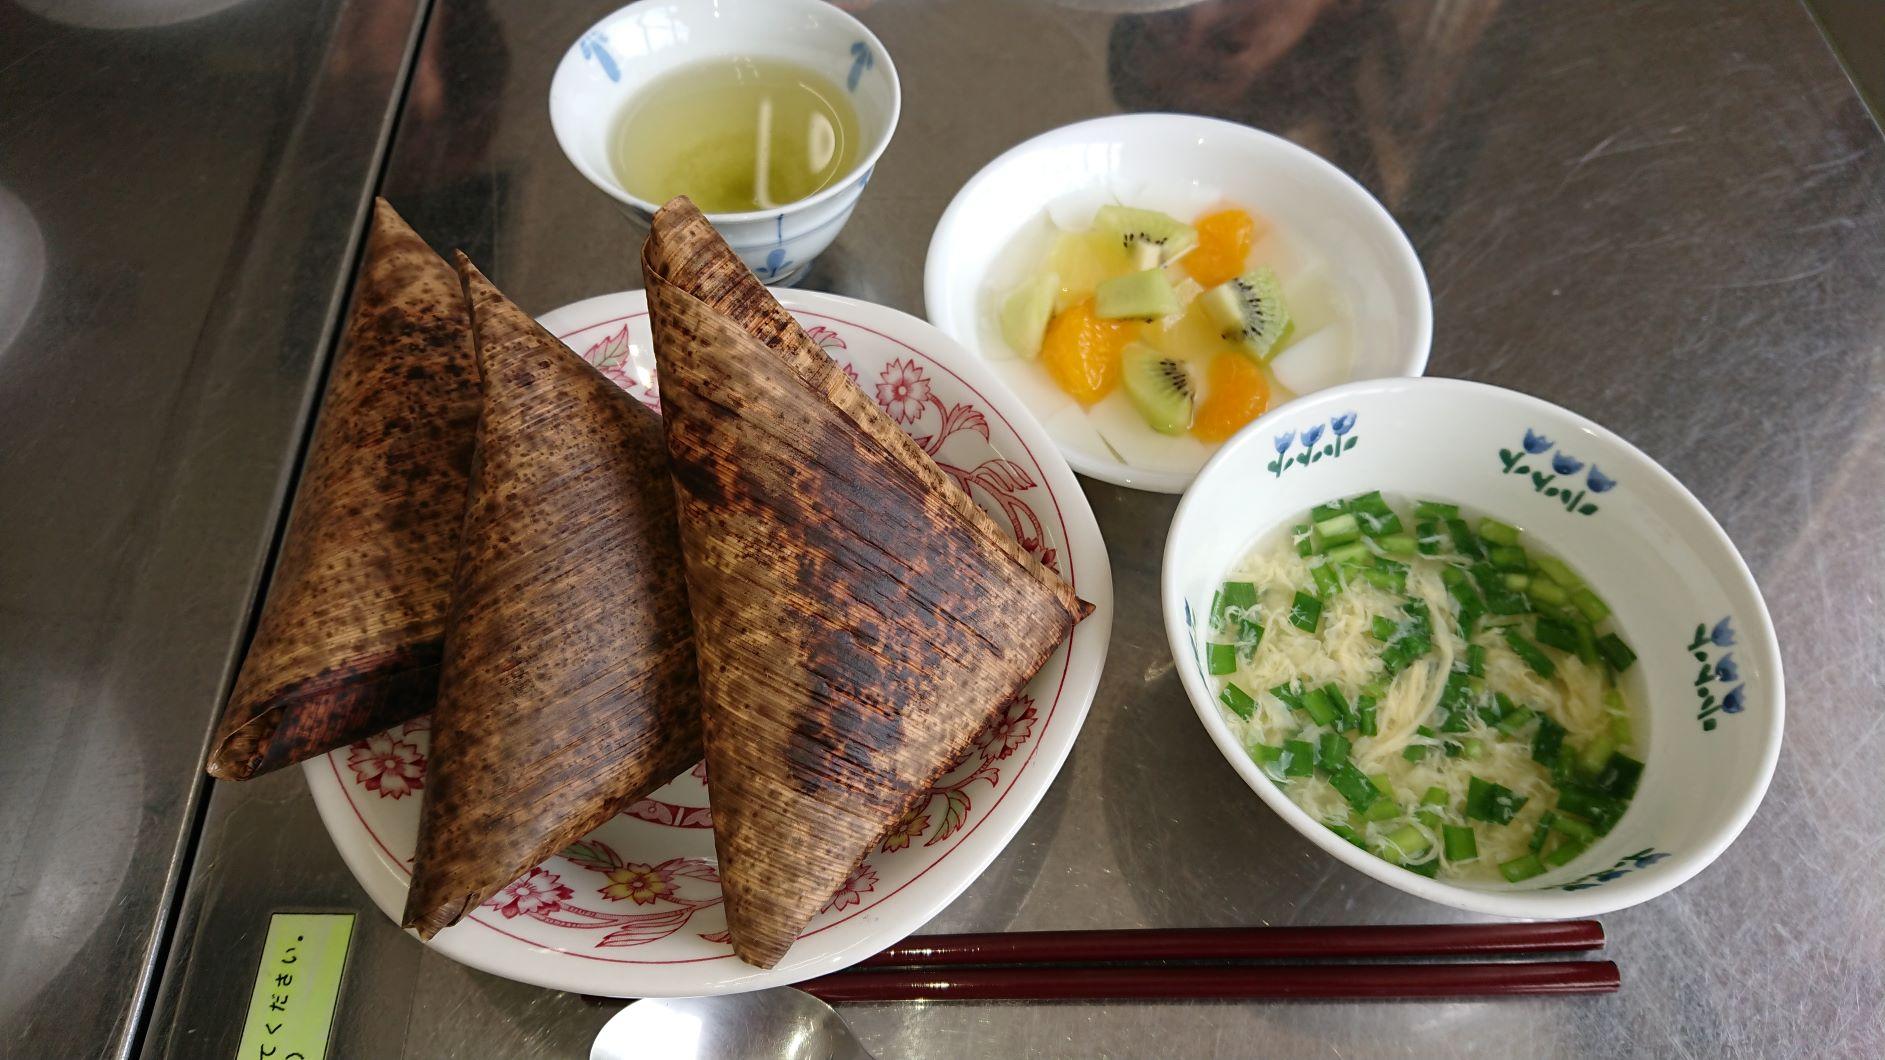 【中華ちまきをご一緒に作りましょう!】「お料理講習会」が市立公民館で2019年9月19日に開催されます (2)